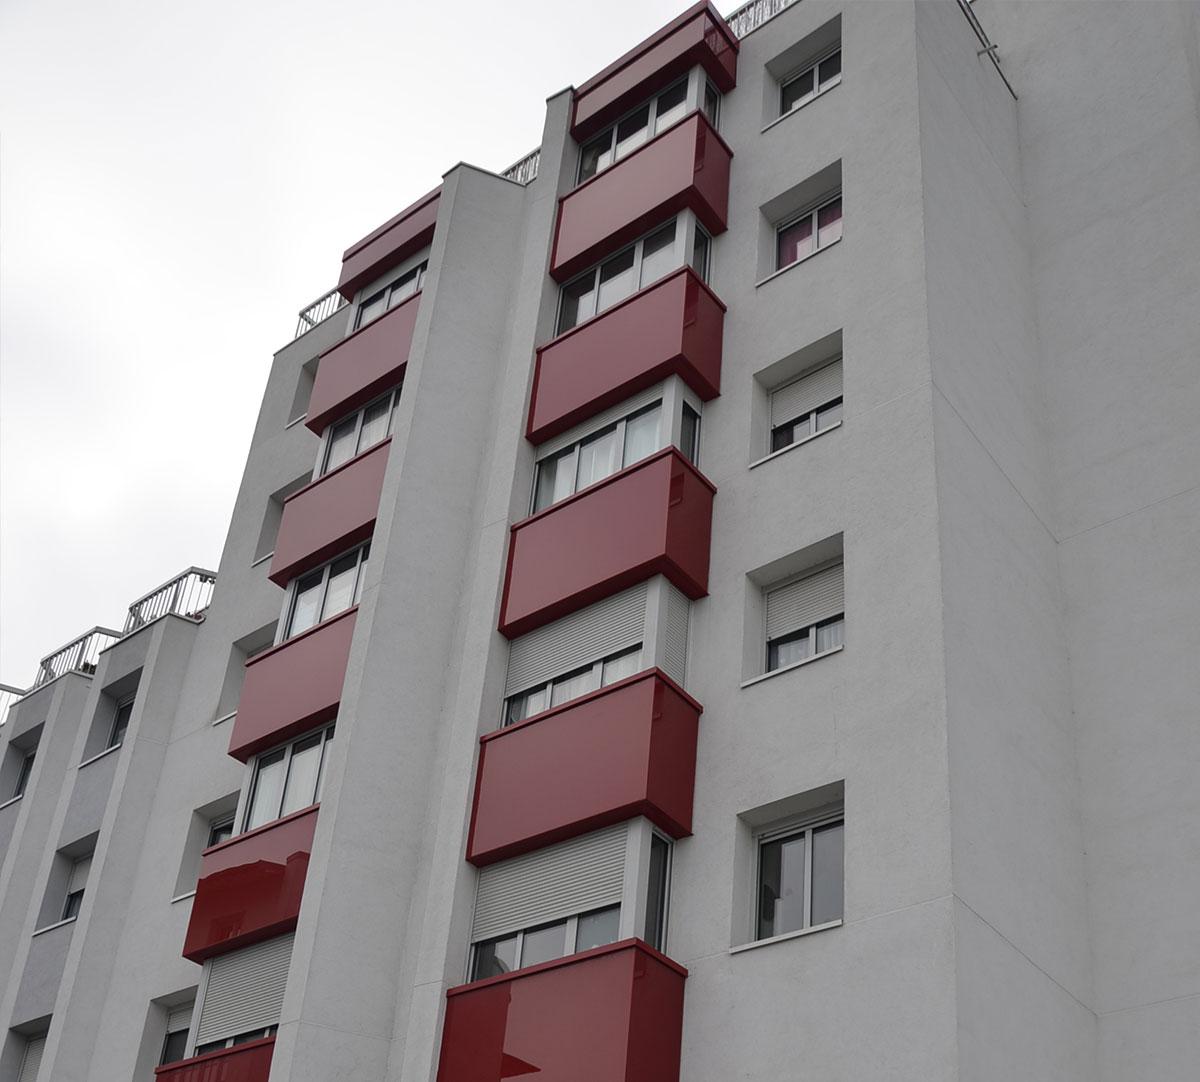 Réalisation Bavettes d'appuis rouge et blanche : image 2